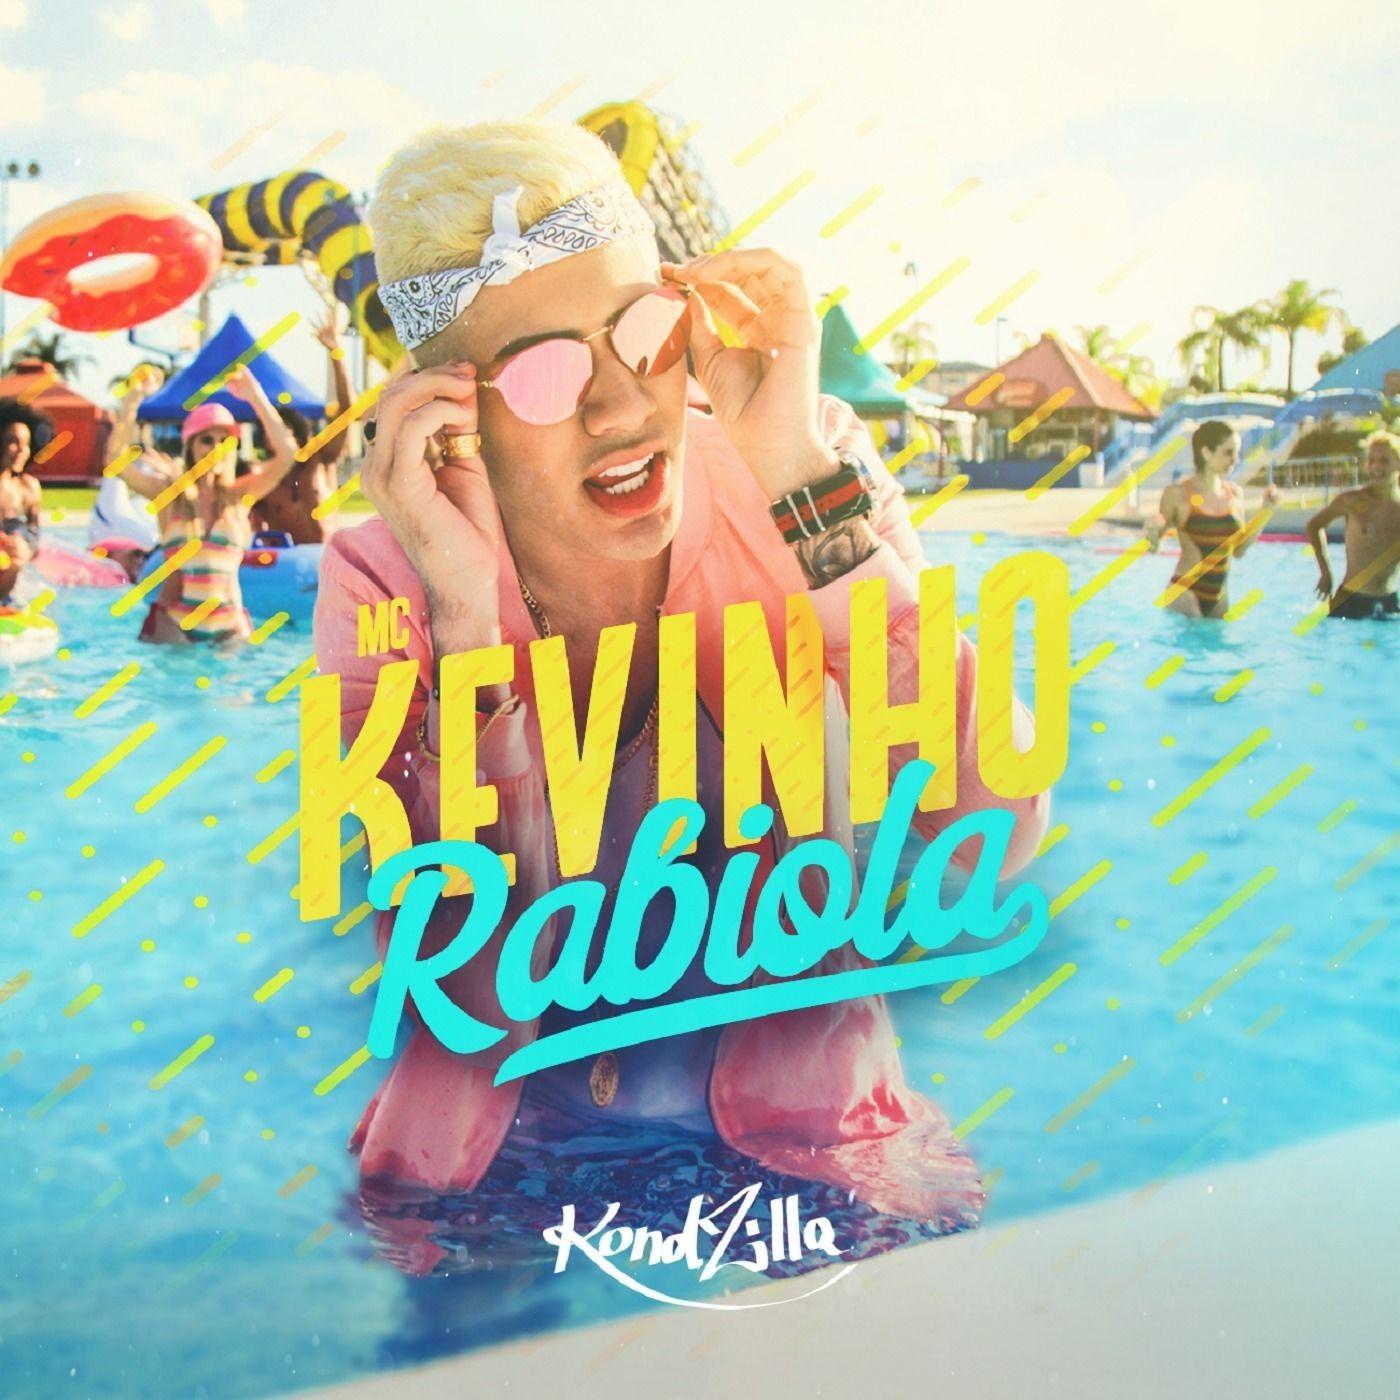 Mc Kevinho Album Rabiola Com Imagens Mc Kevinho Kevinho